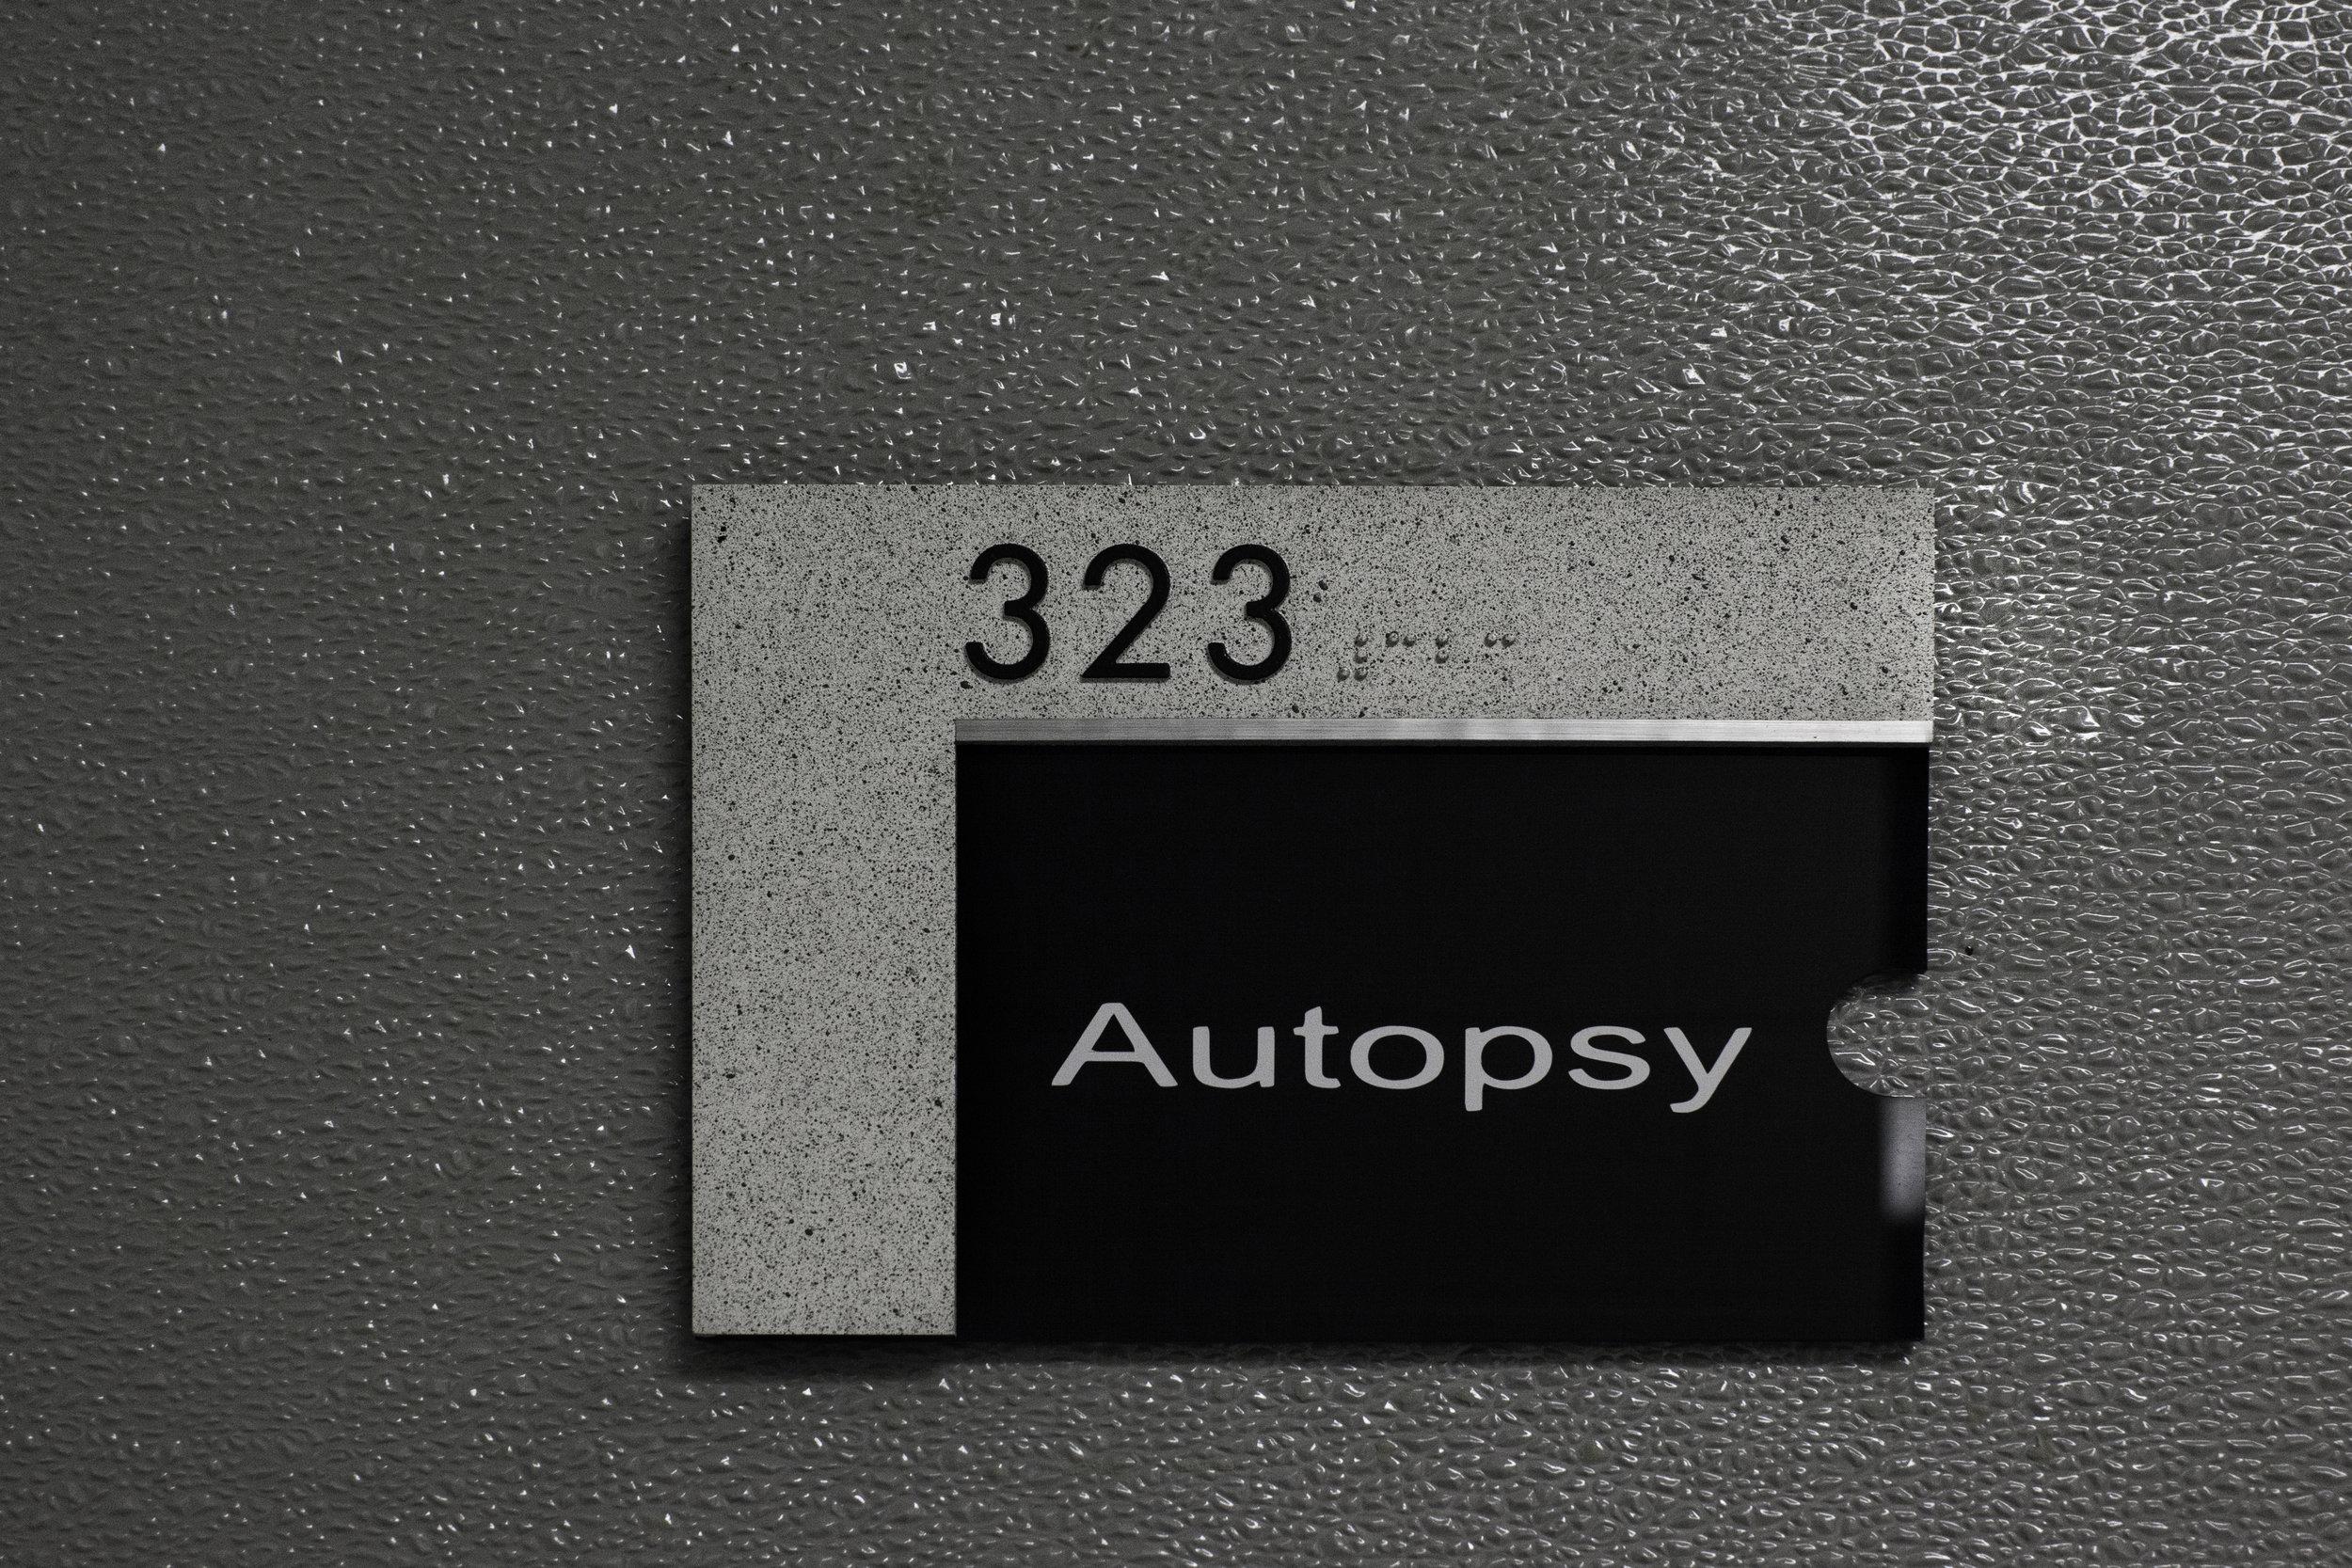 Autopsy Plaque